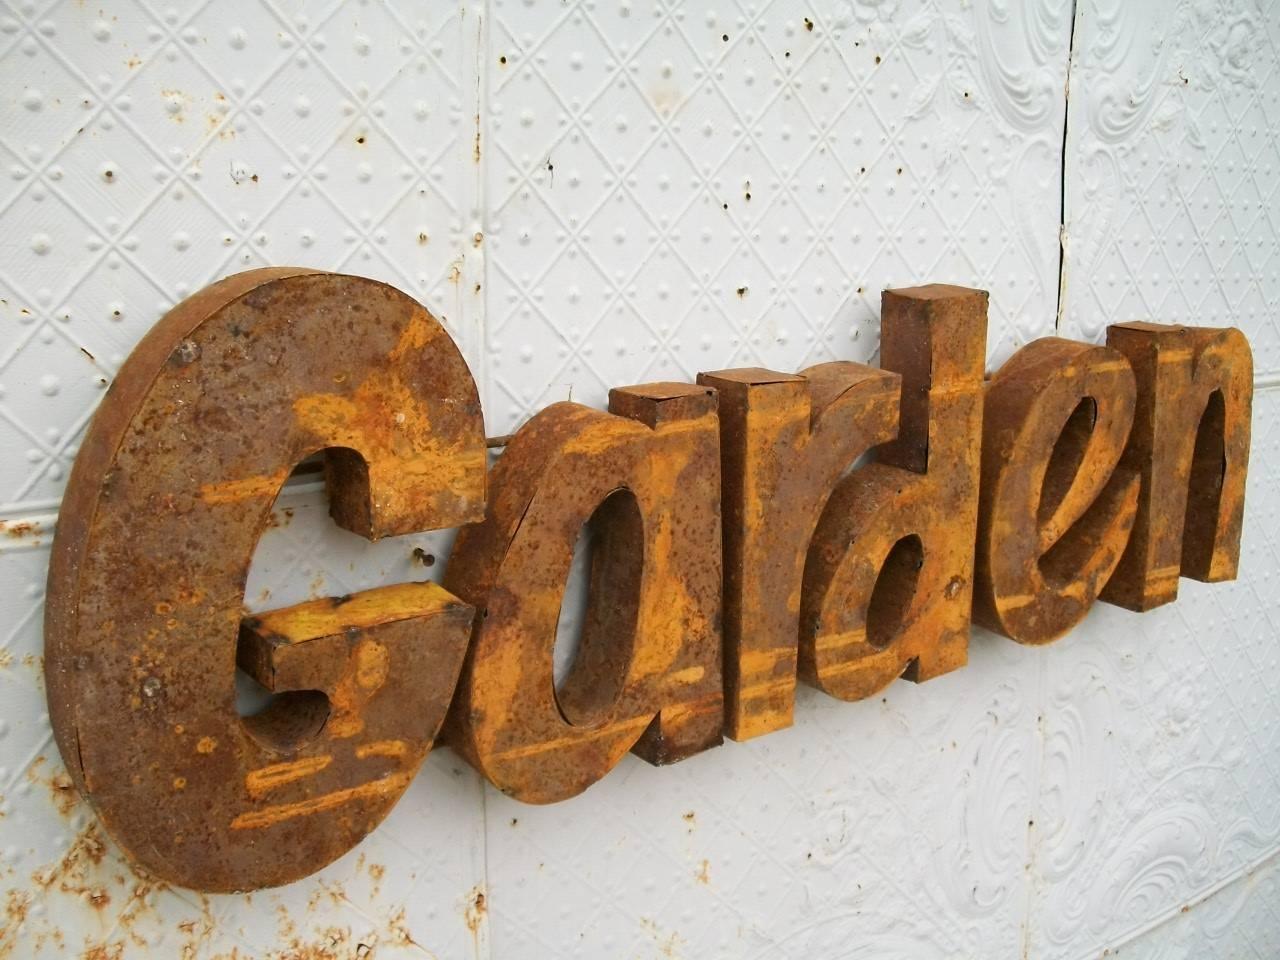 3d Garden Wall Art | Wallartideas Throughout Most Up To Date 3d Garden Wall Art (View 6 of 20)